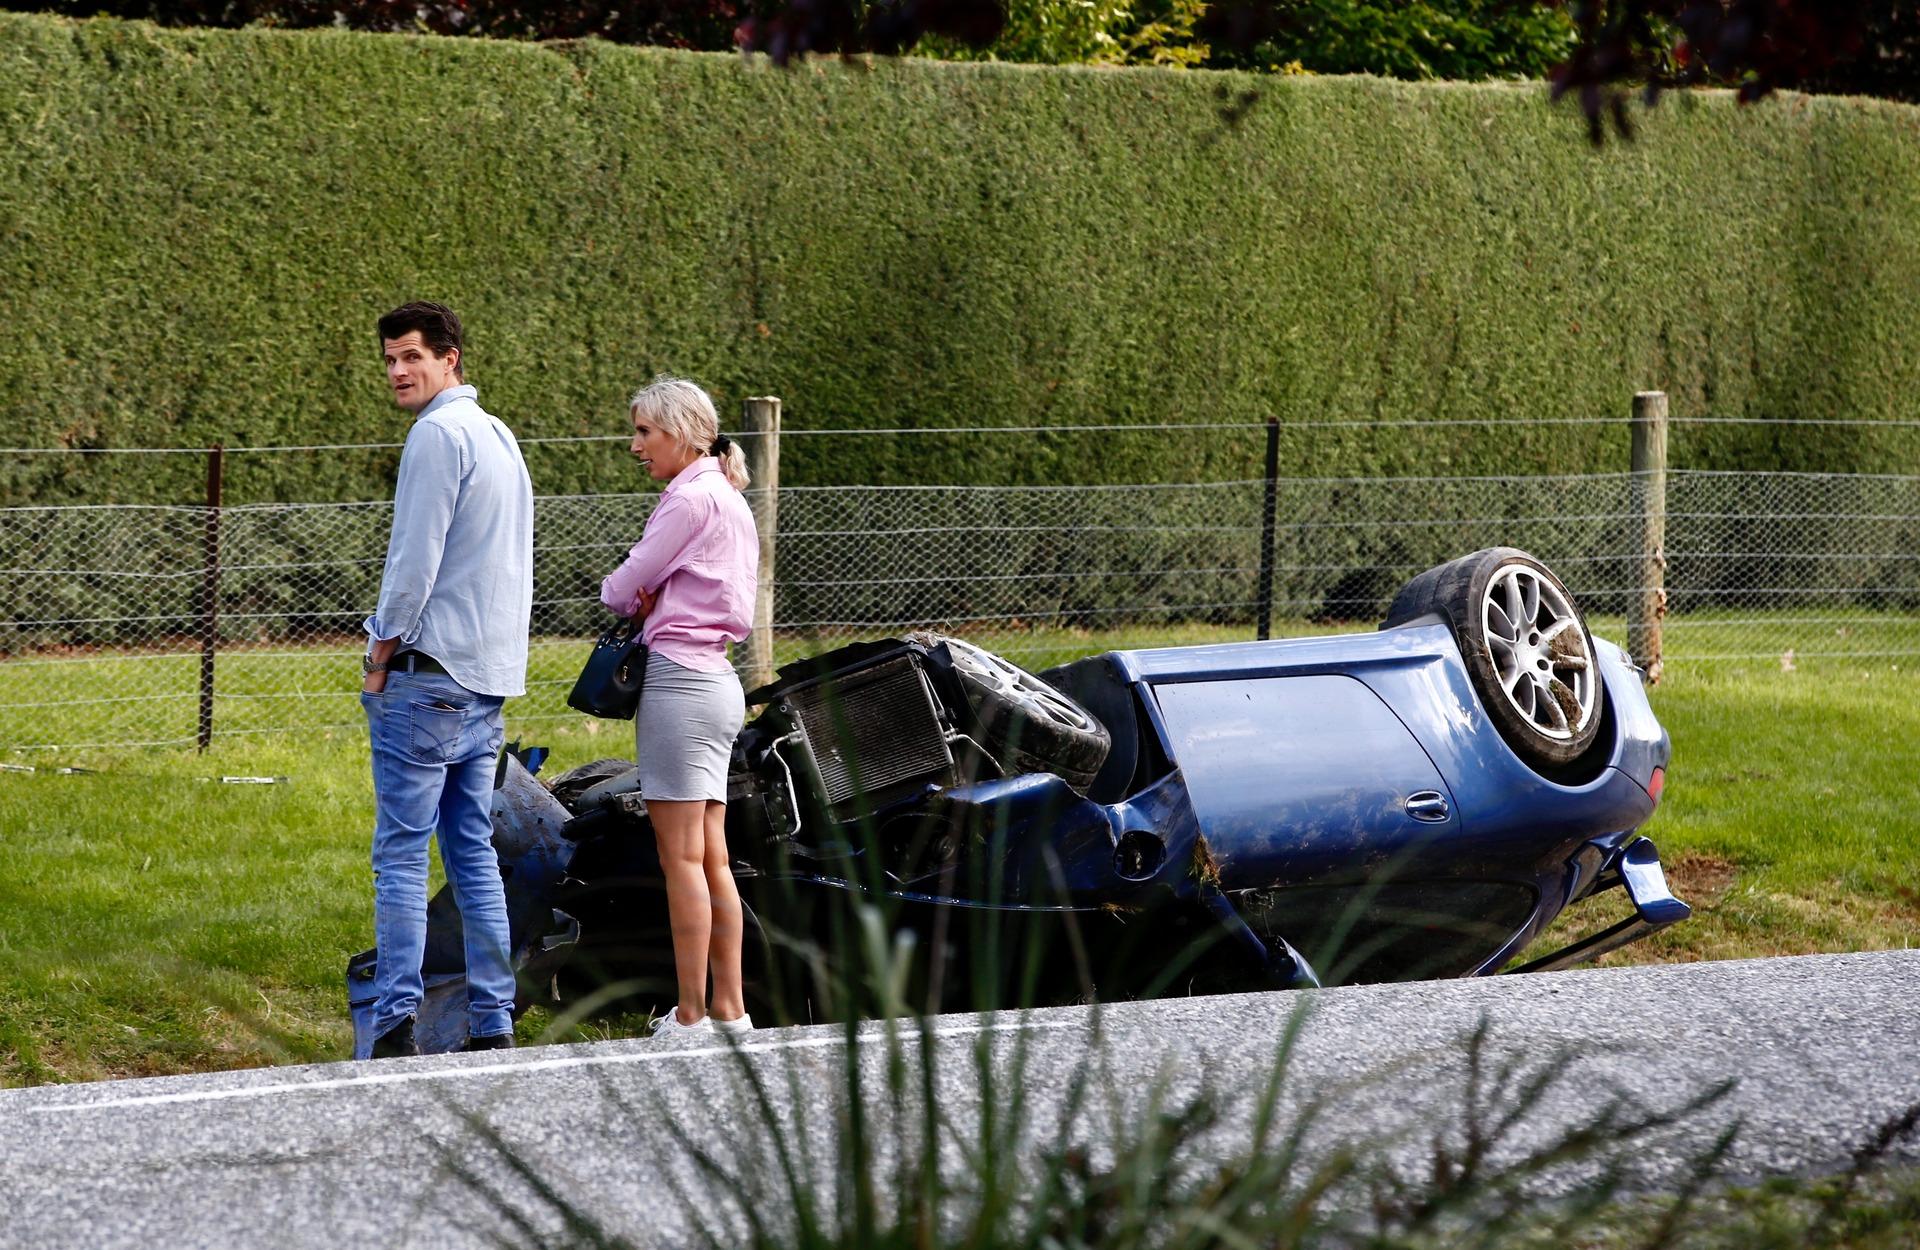 'I wasn't being stupid': Richlister rolls his Porsche